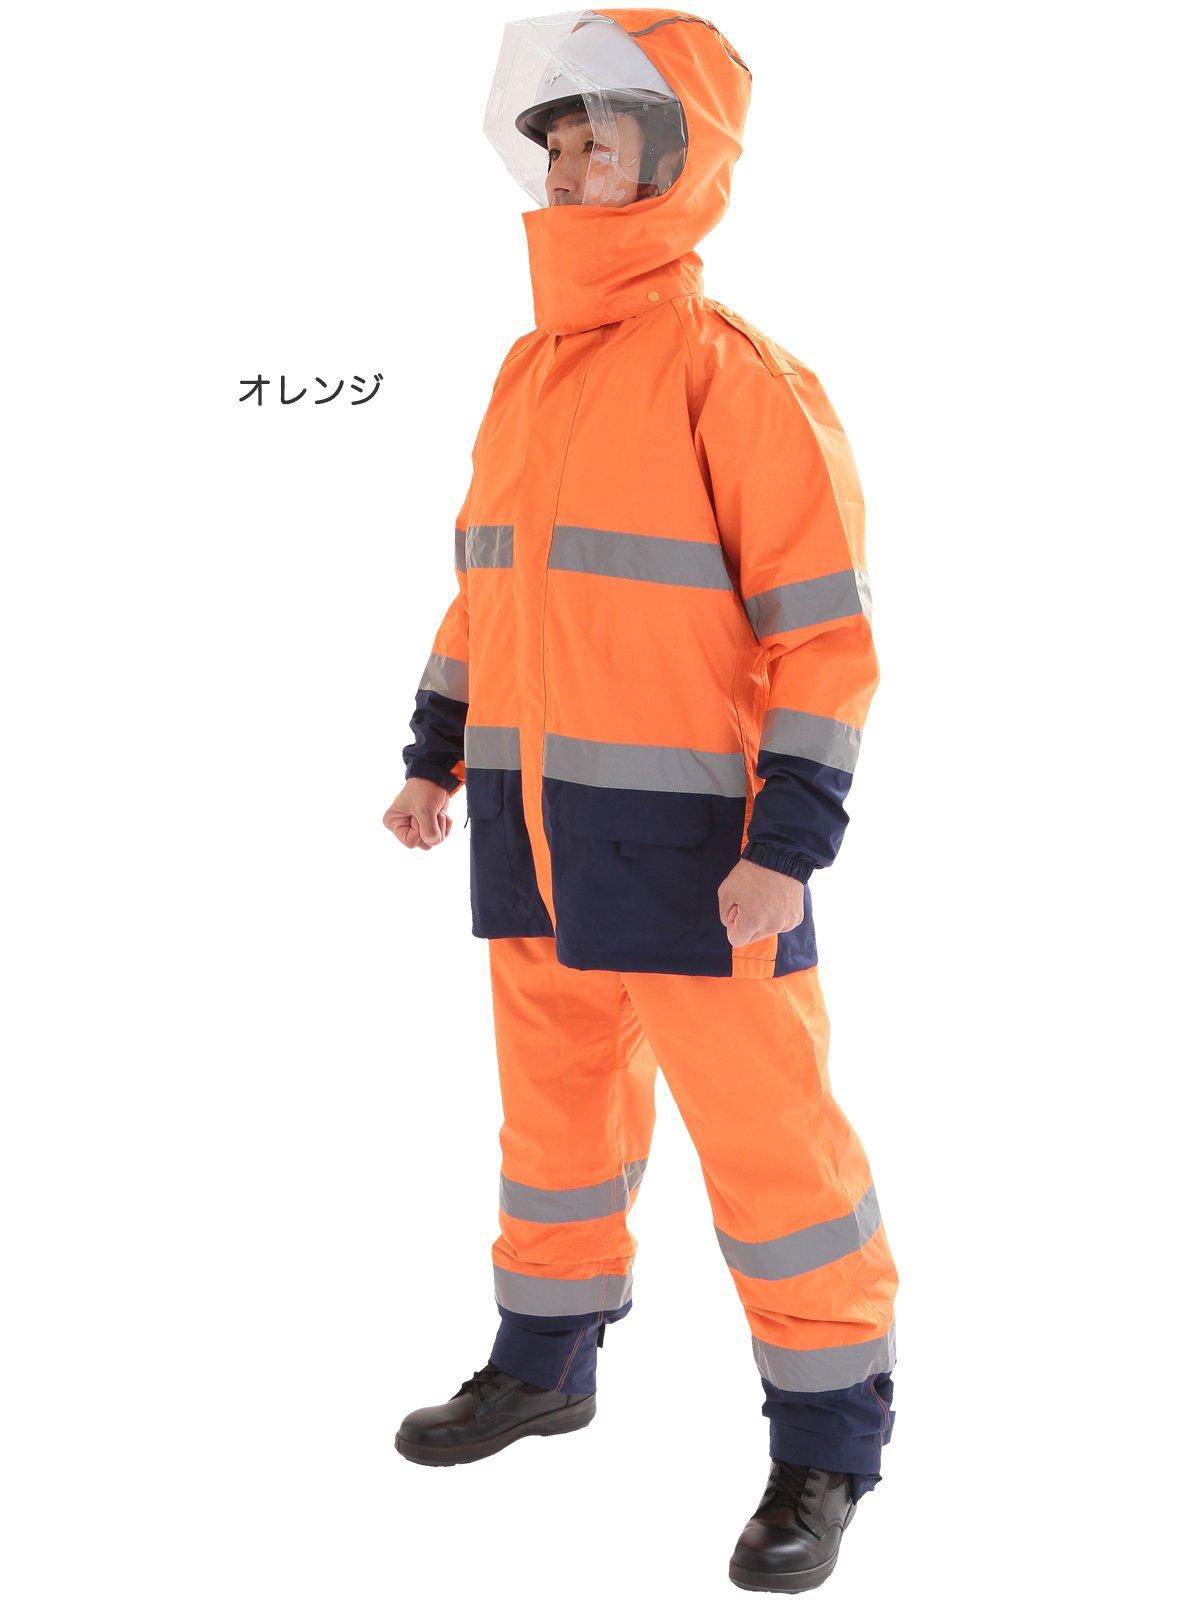 スパーダ ストレッチレイン(消防レインウェア カッパ 雨衣)【画像2】